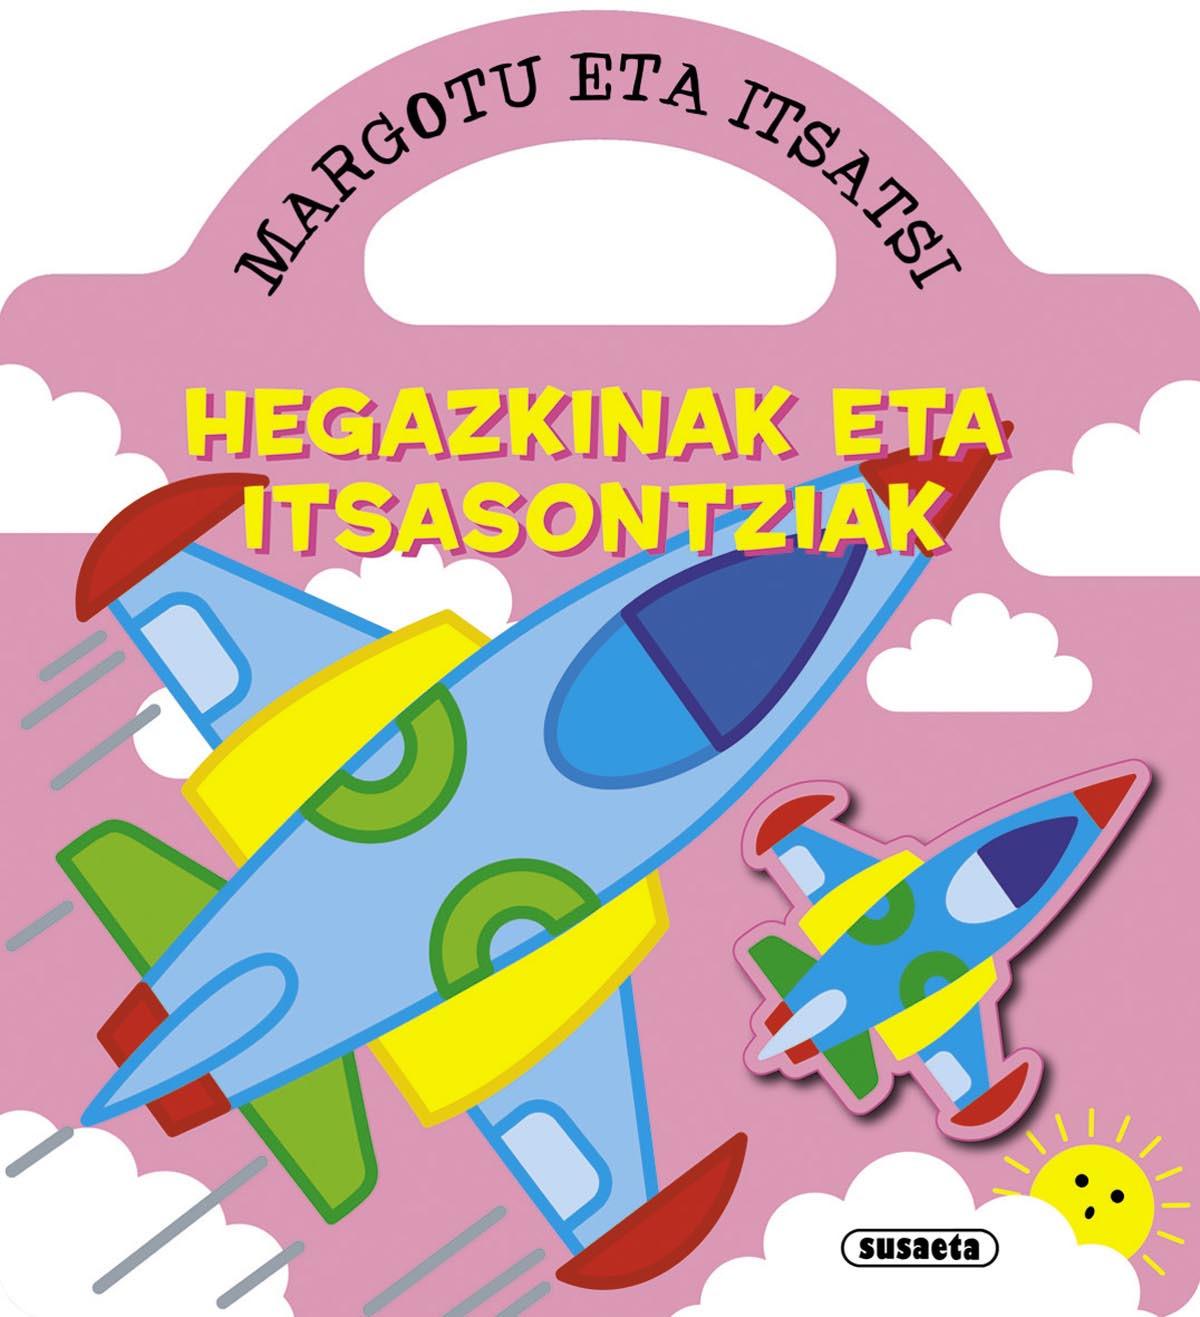 Hegazkinak eta itsasontziak (margotu eta itsatsi)